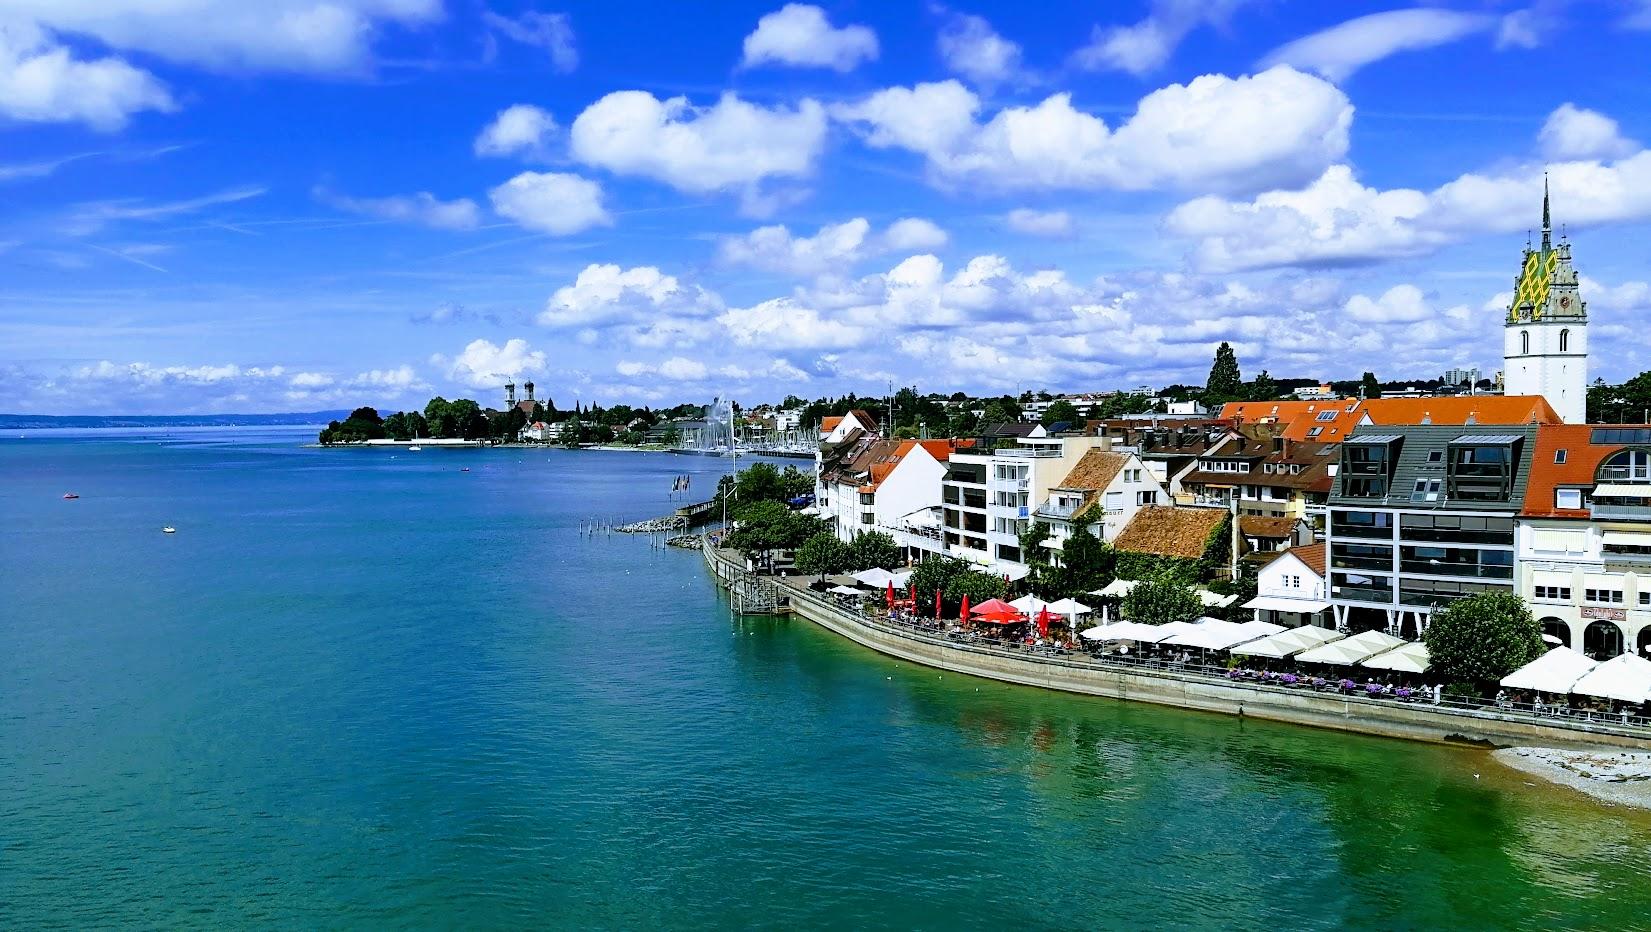 Bodensee Friedrichshafen Moleturm